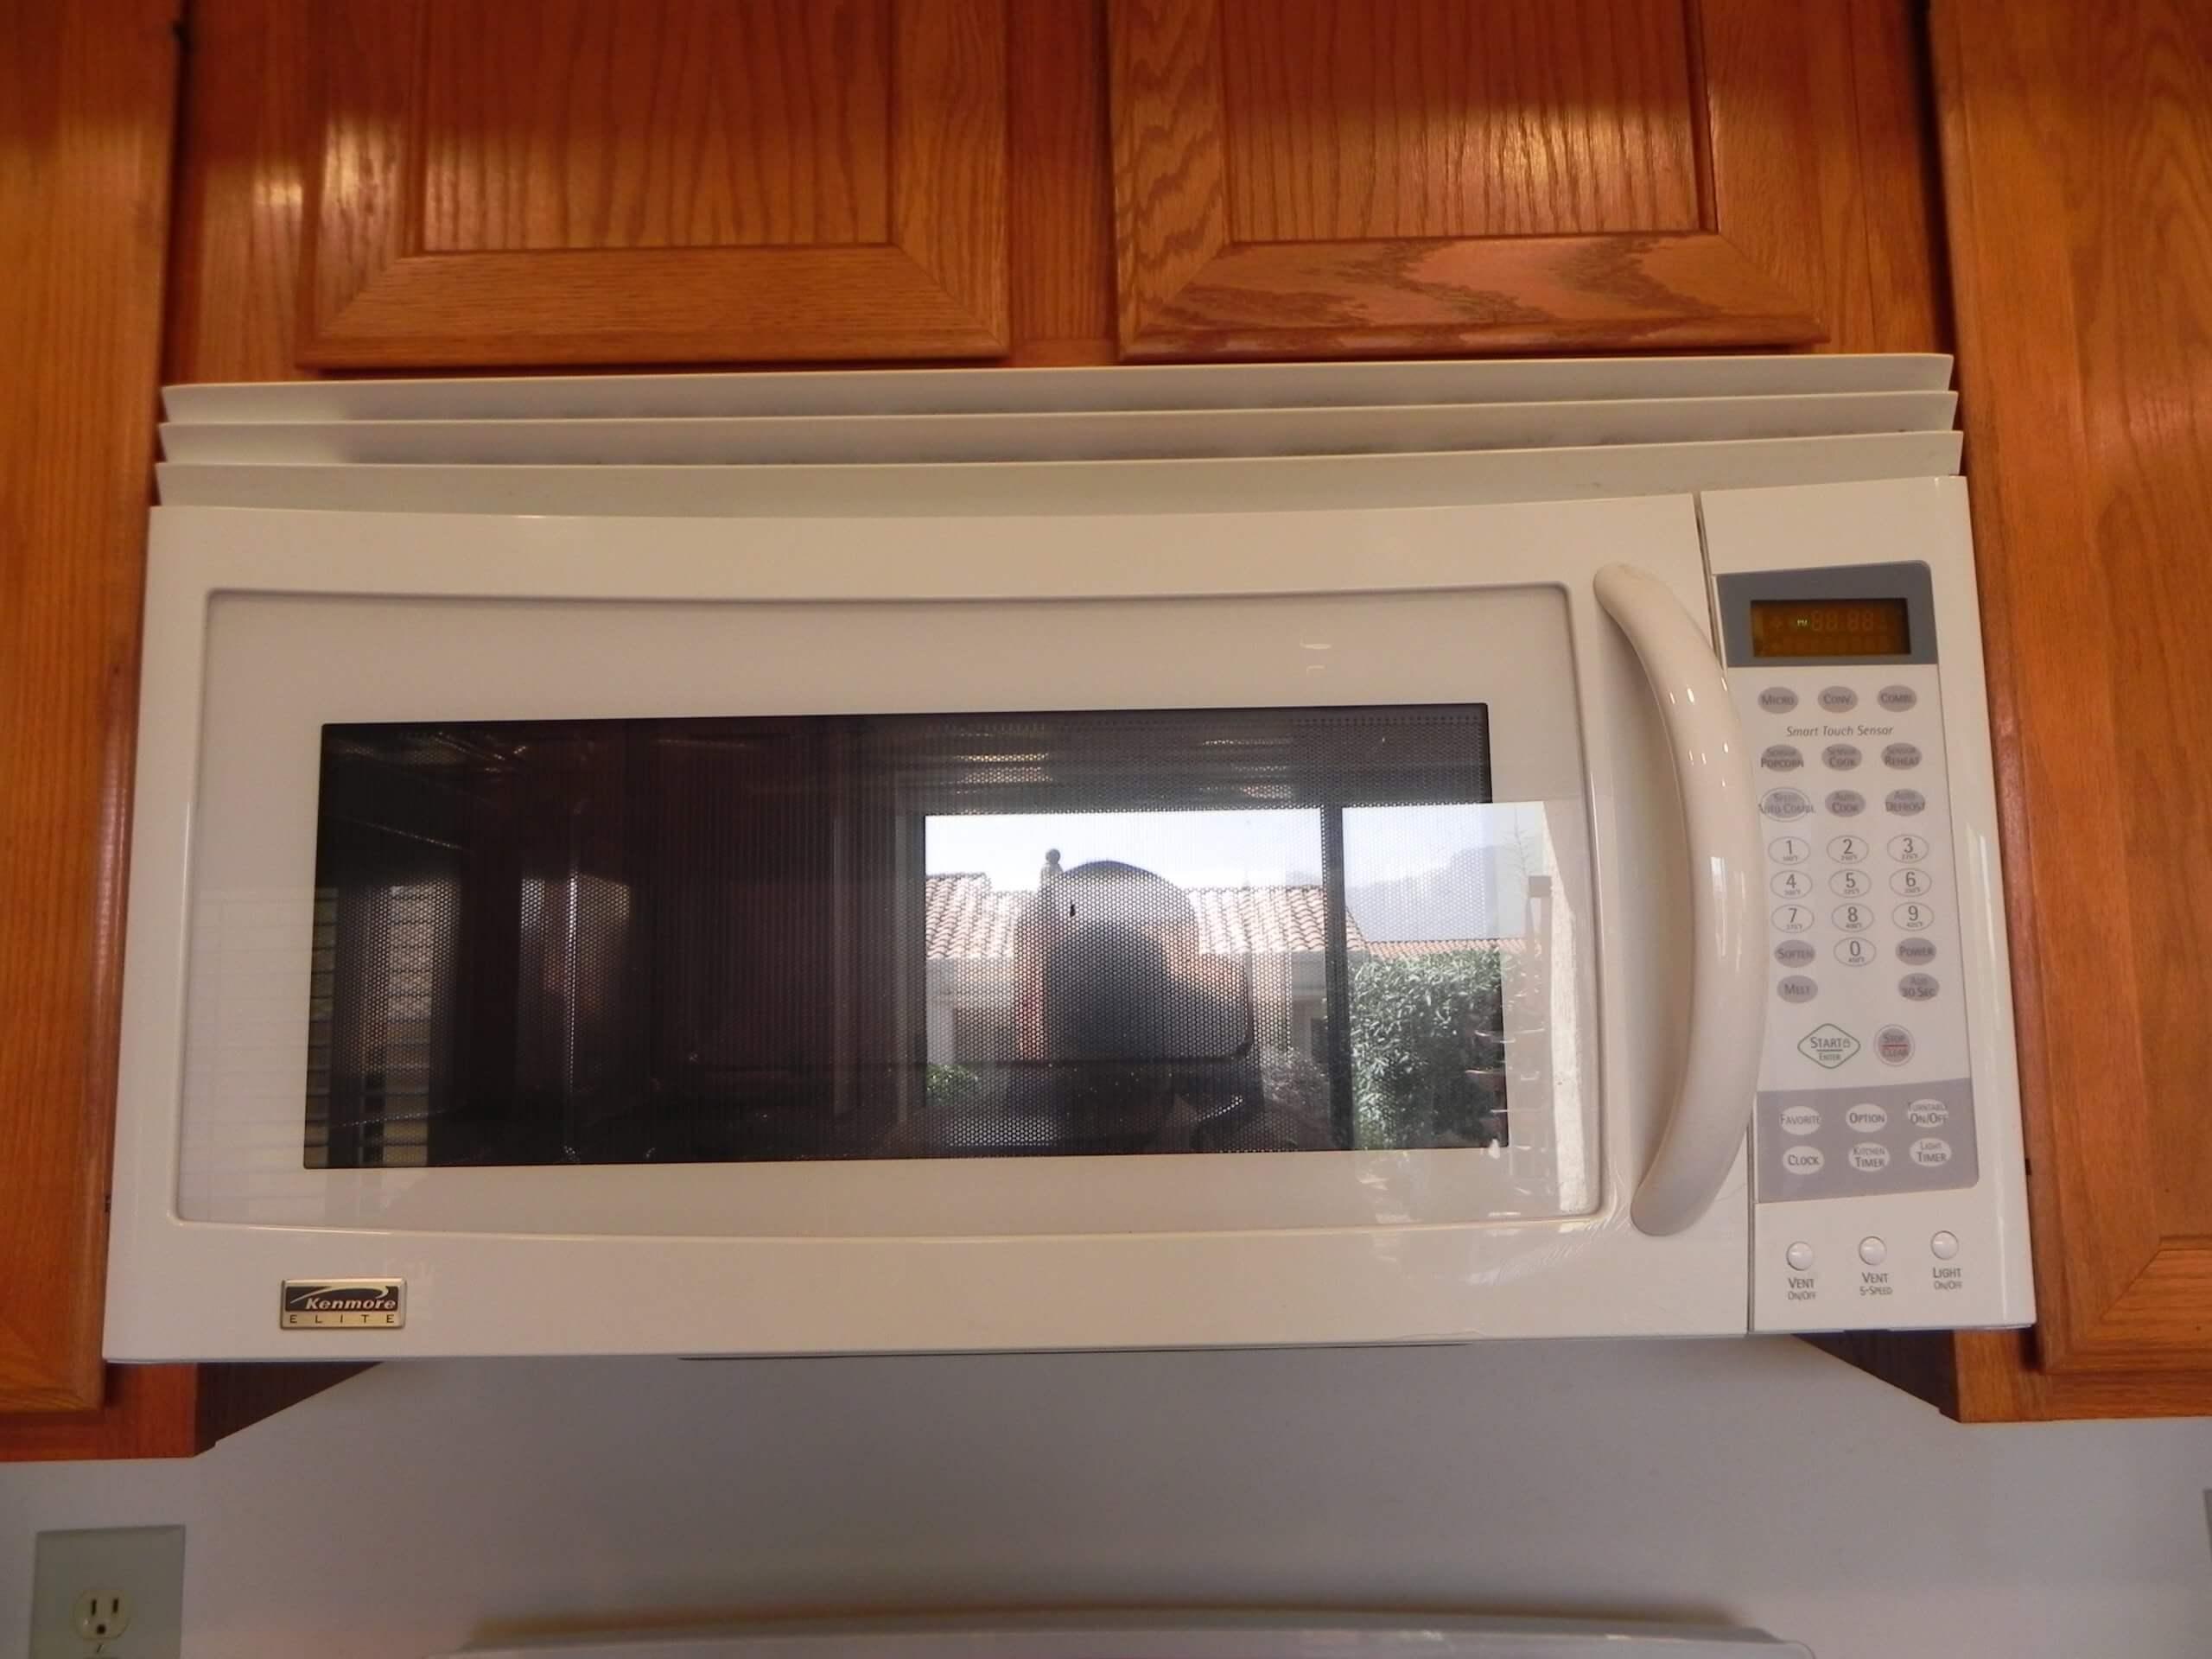 Kenmore Elite Microwave